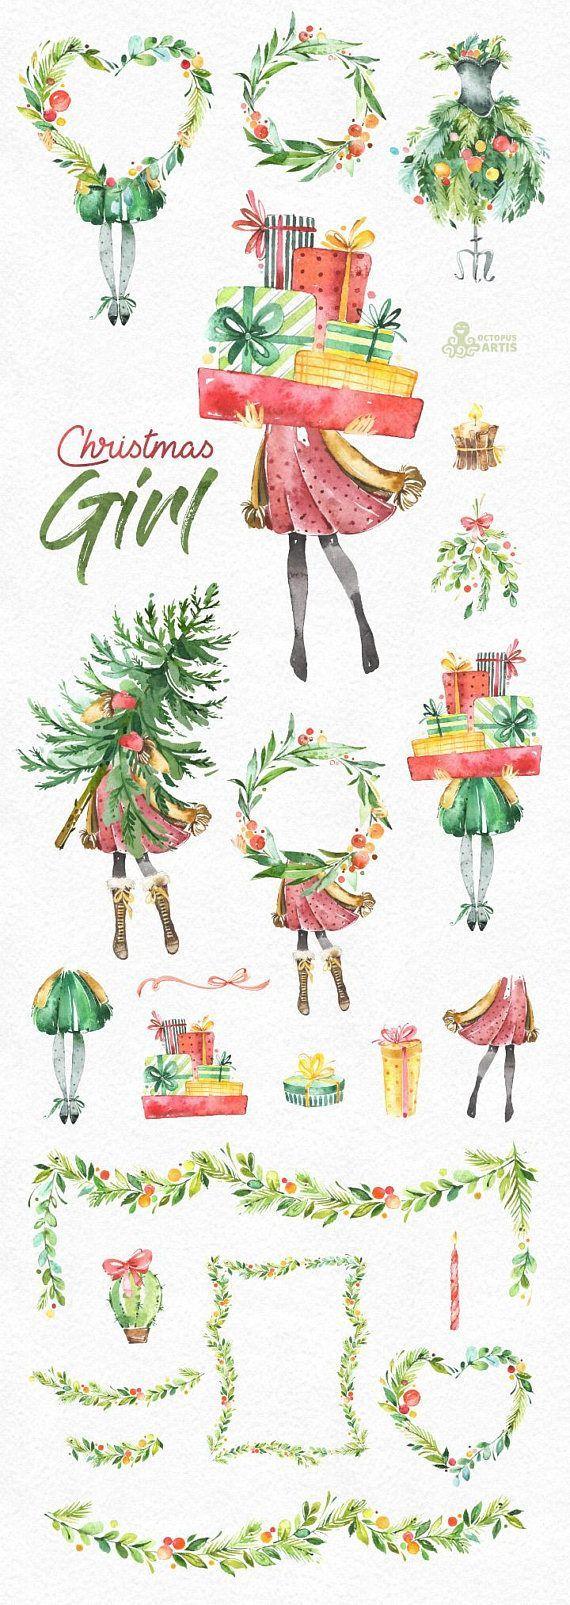 Weihnachtsmädchen. Aquarell Urlaub Clipart, Dame, Vintage, Blumen Kränze, Geschenke, Weihnachtsbaum, Rahmen, Weihnachten, frohe, Stechpalme, Grüße